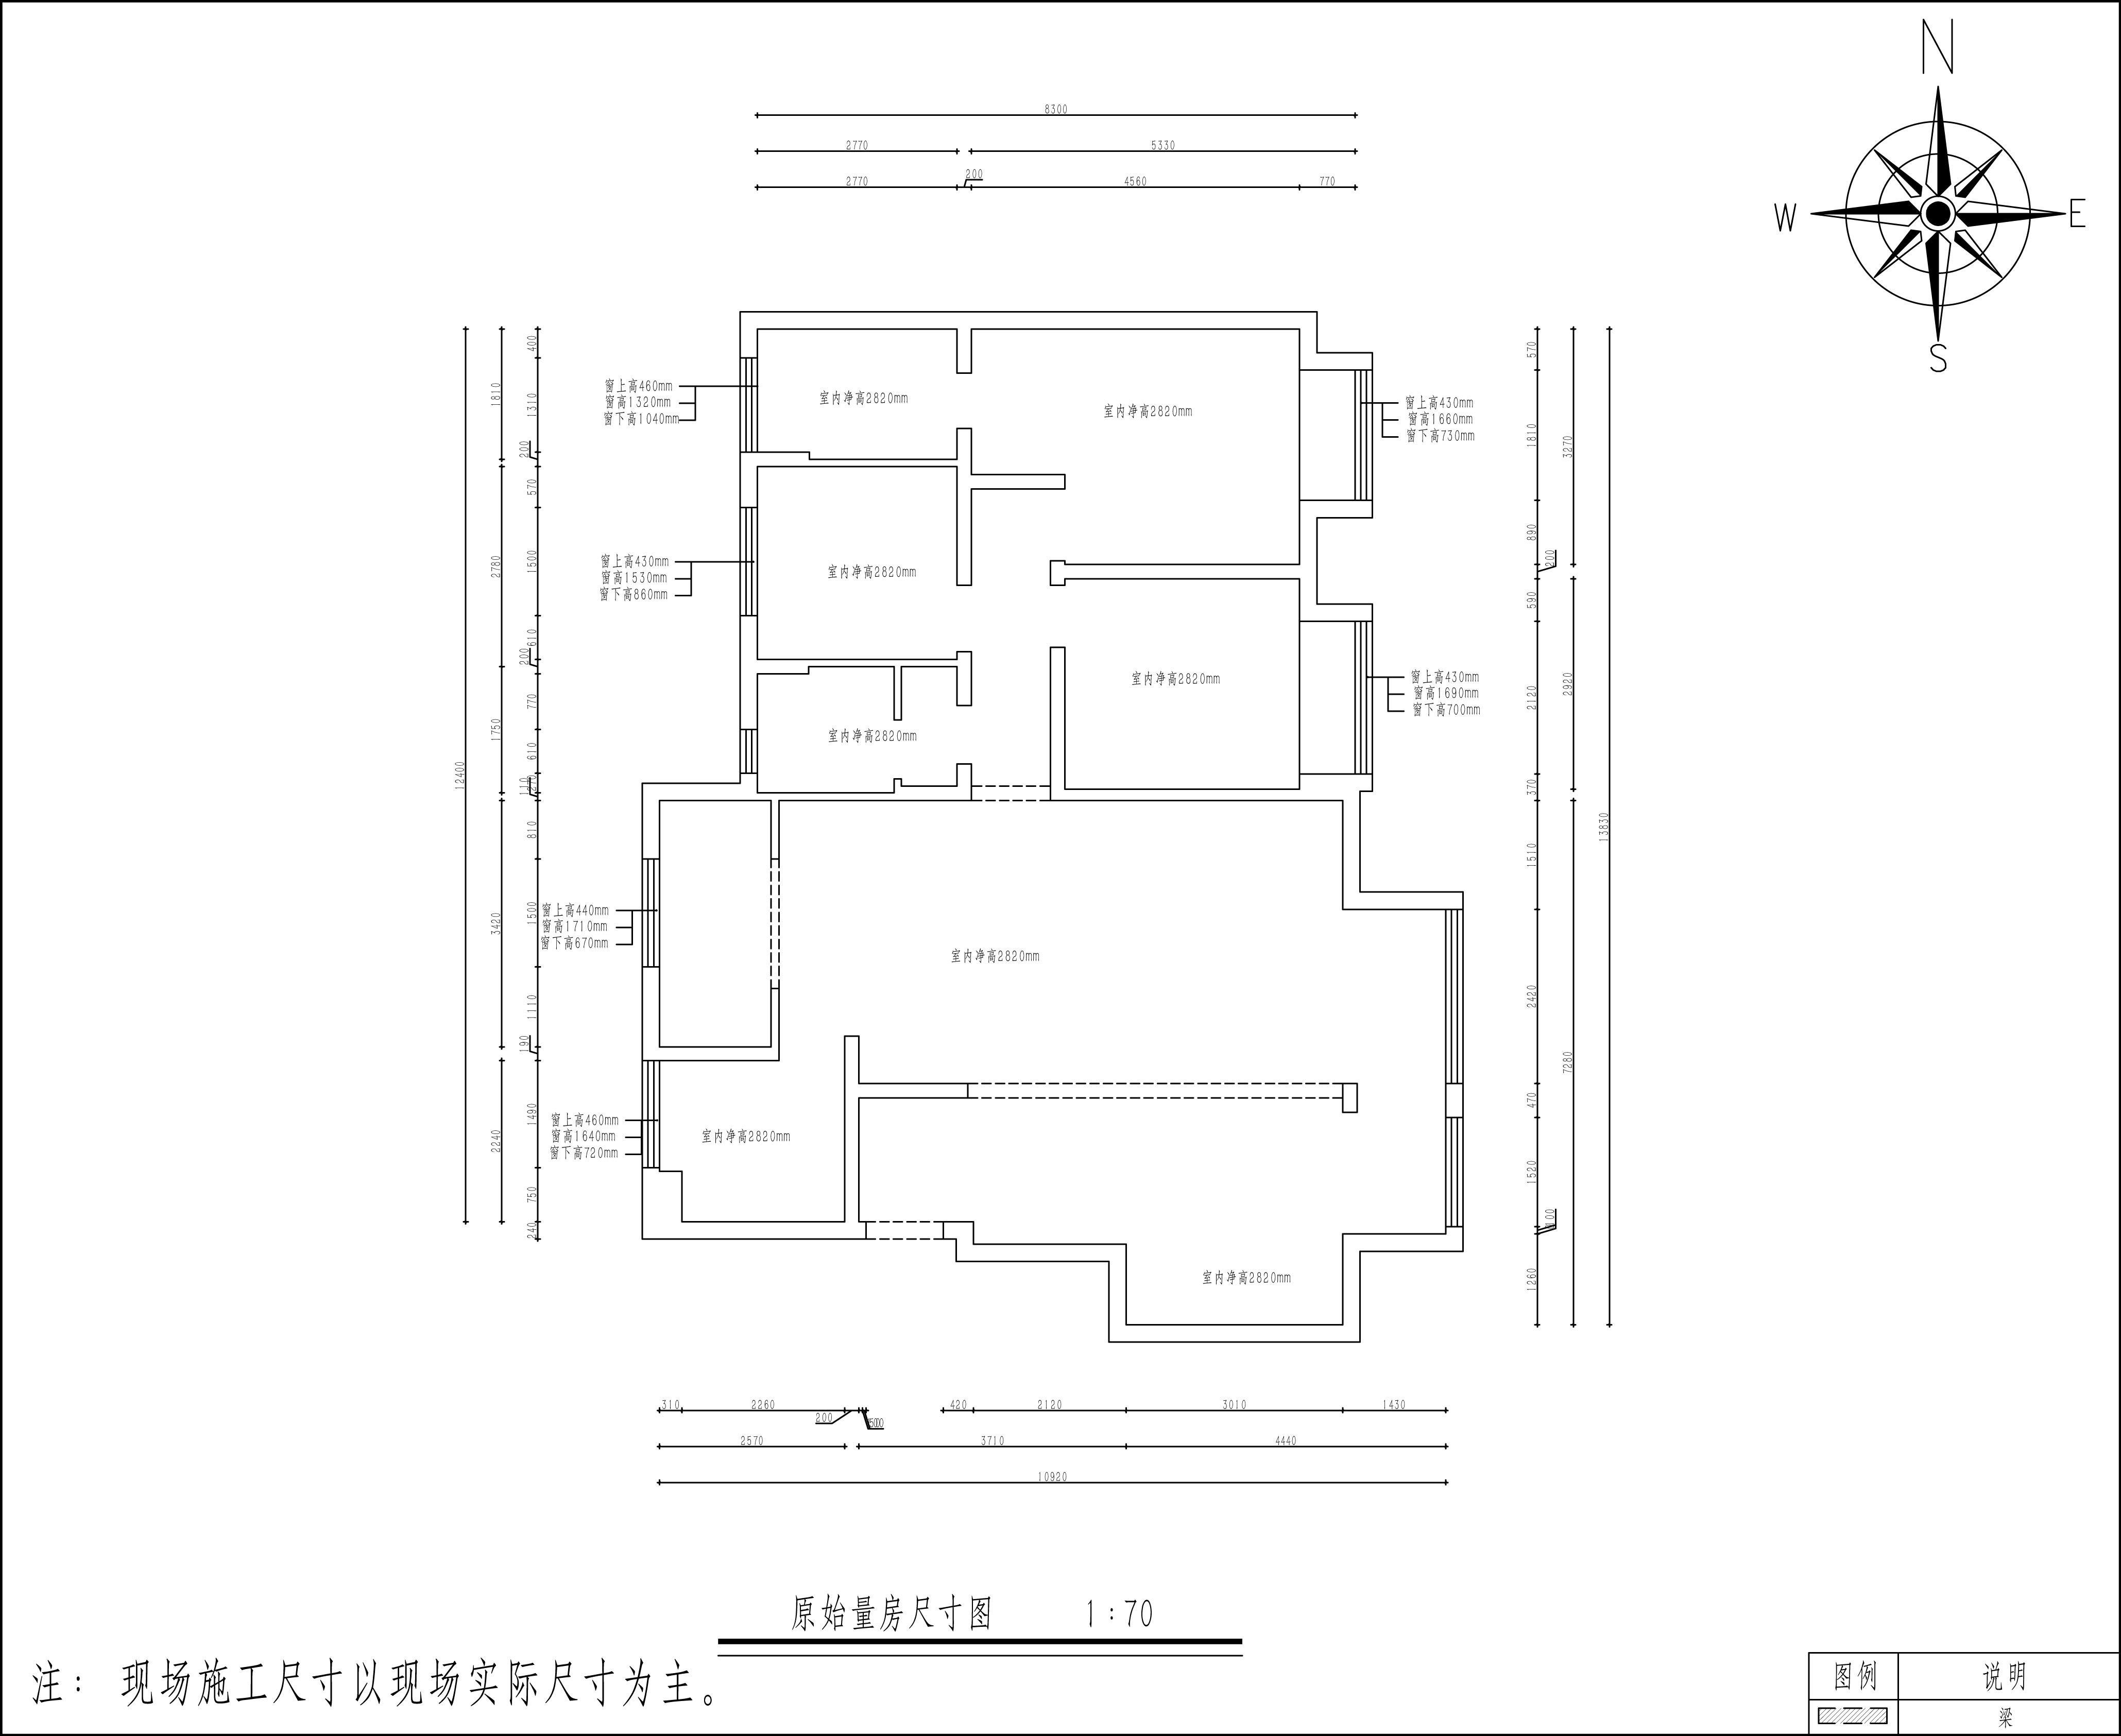 新华联悦澜湾-新中式性状style-108m/2装潢策划愿景